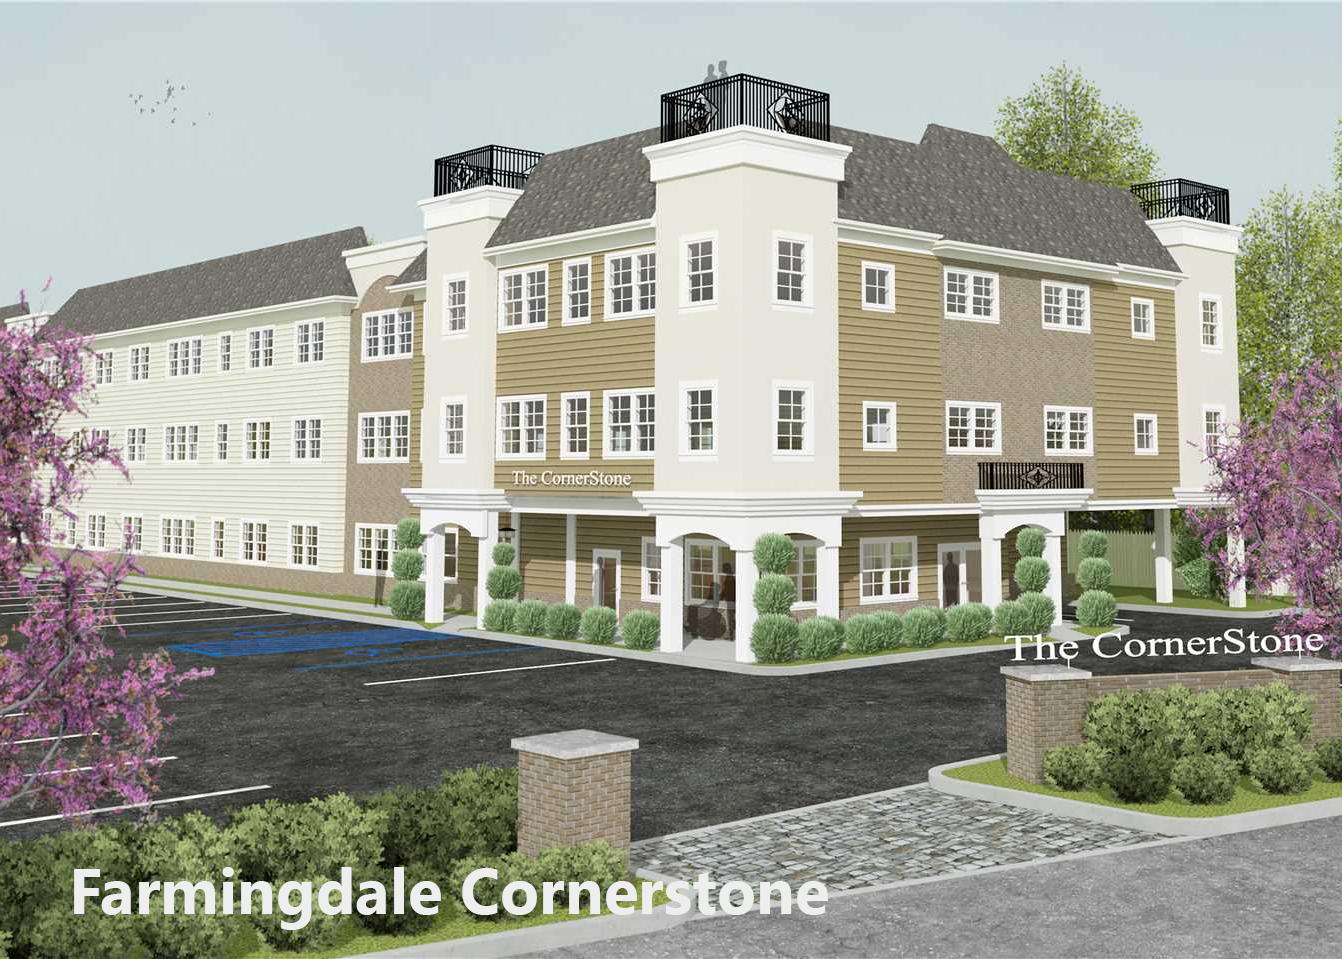 Farmingdale Cornerstone - Sound Beyond